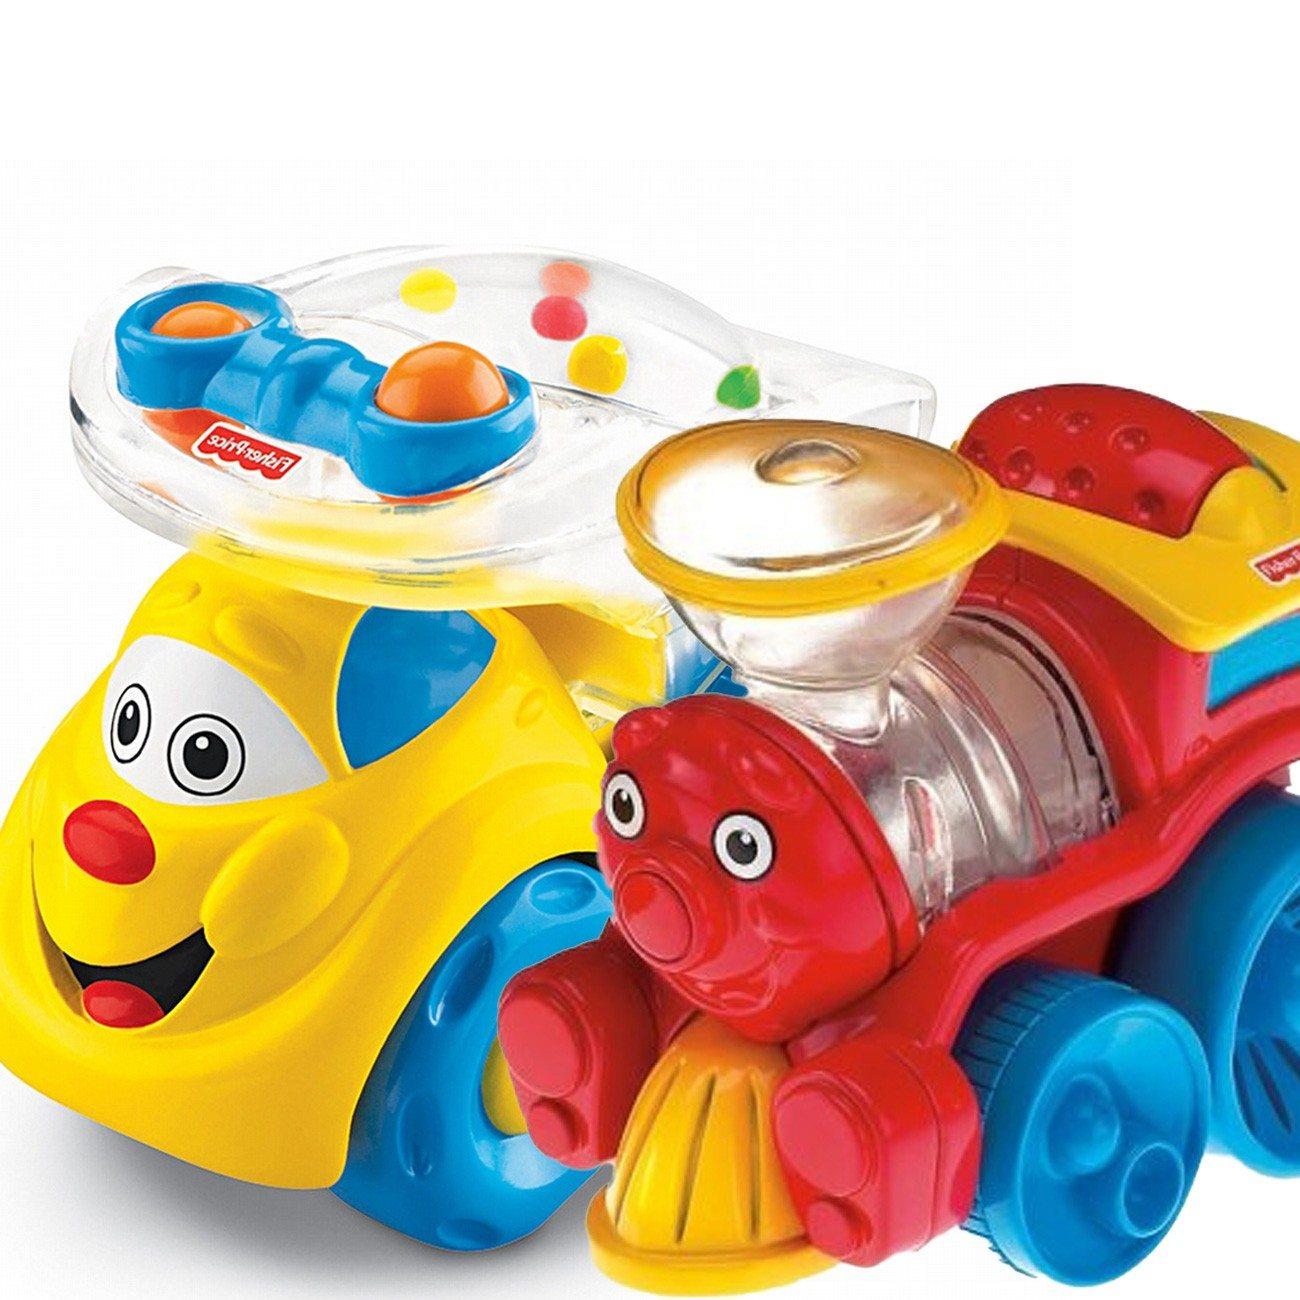 Grappige voertuigen van Fisher-Price